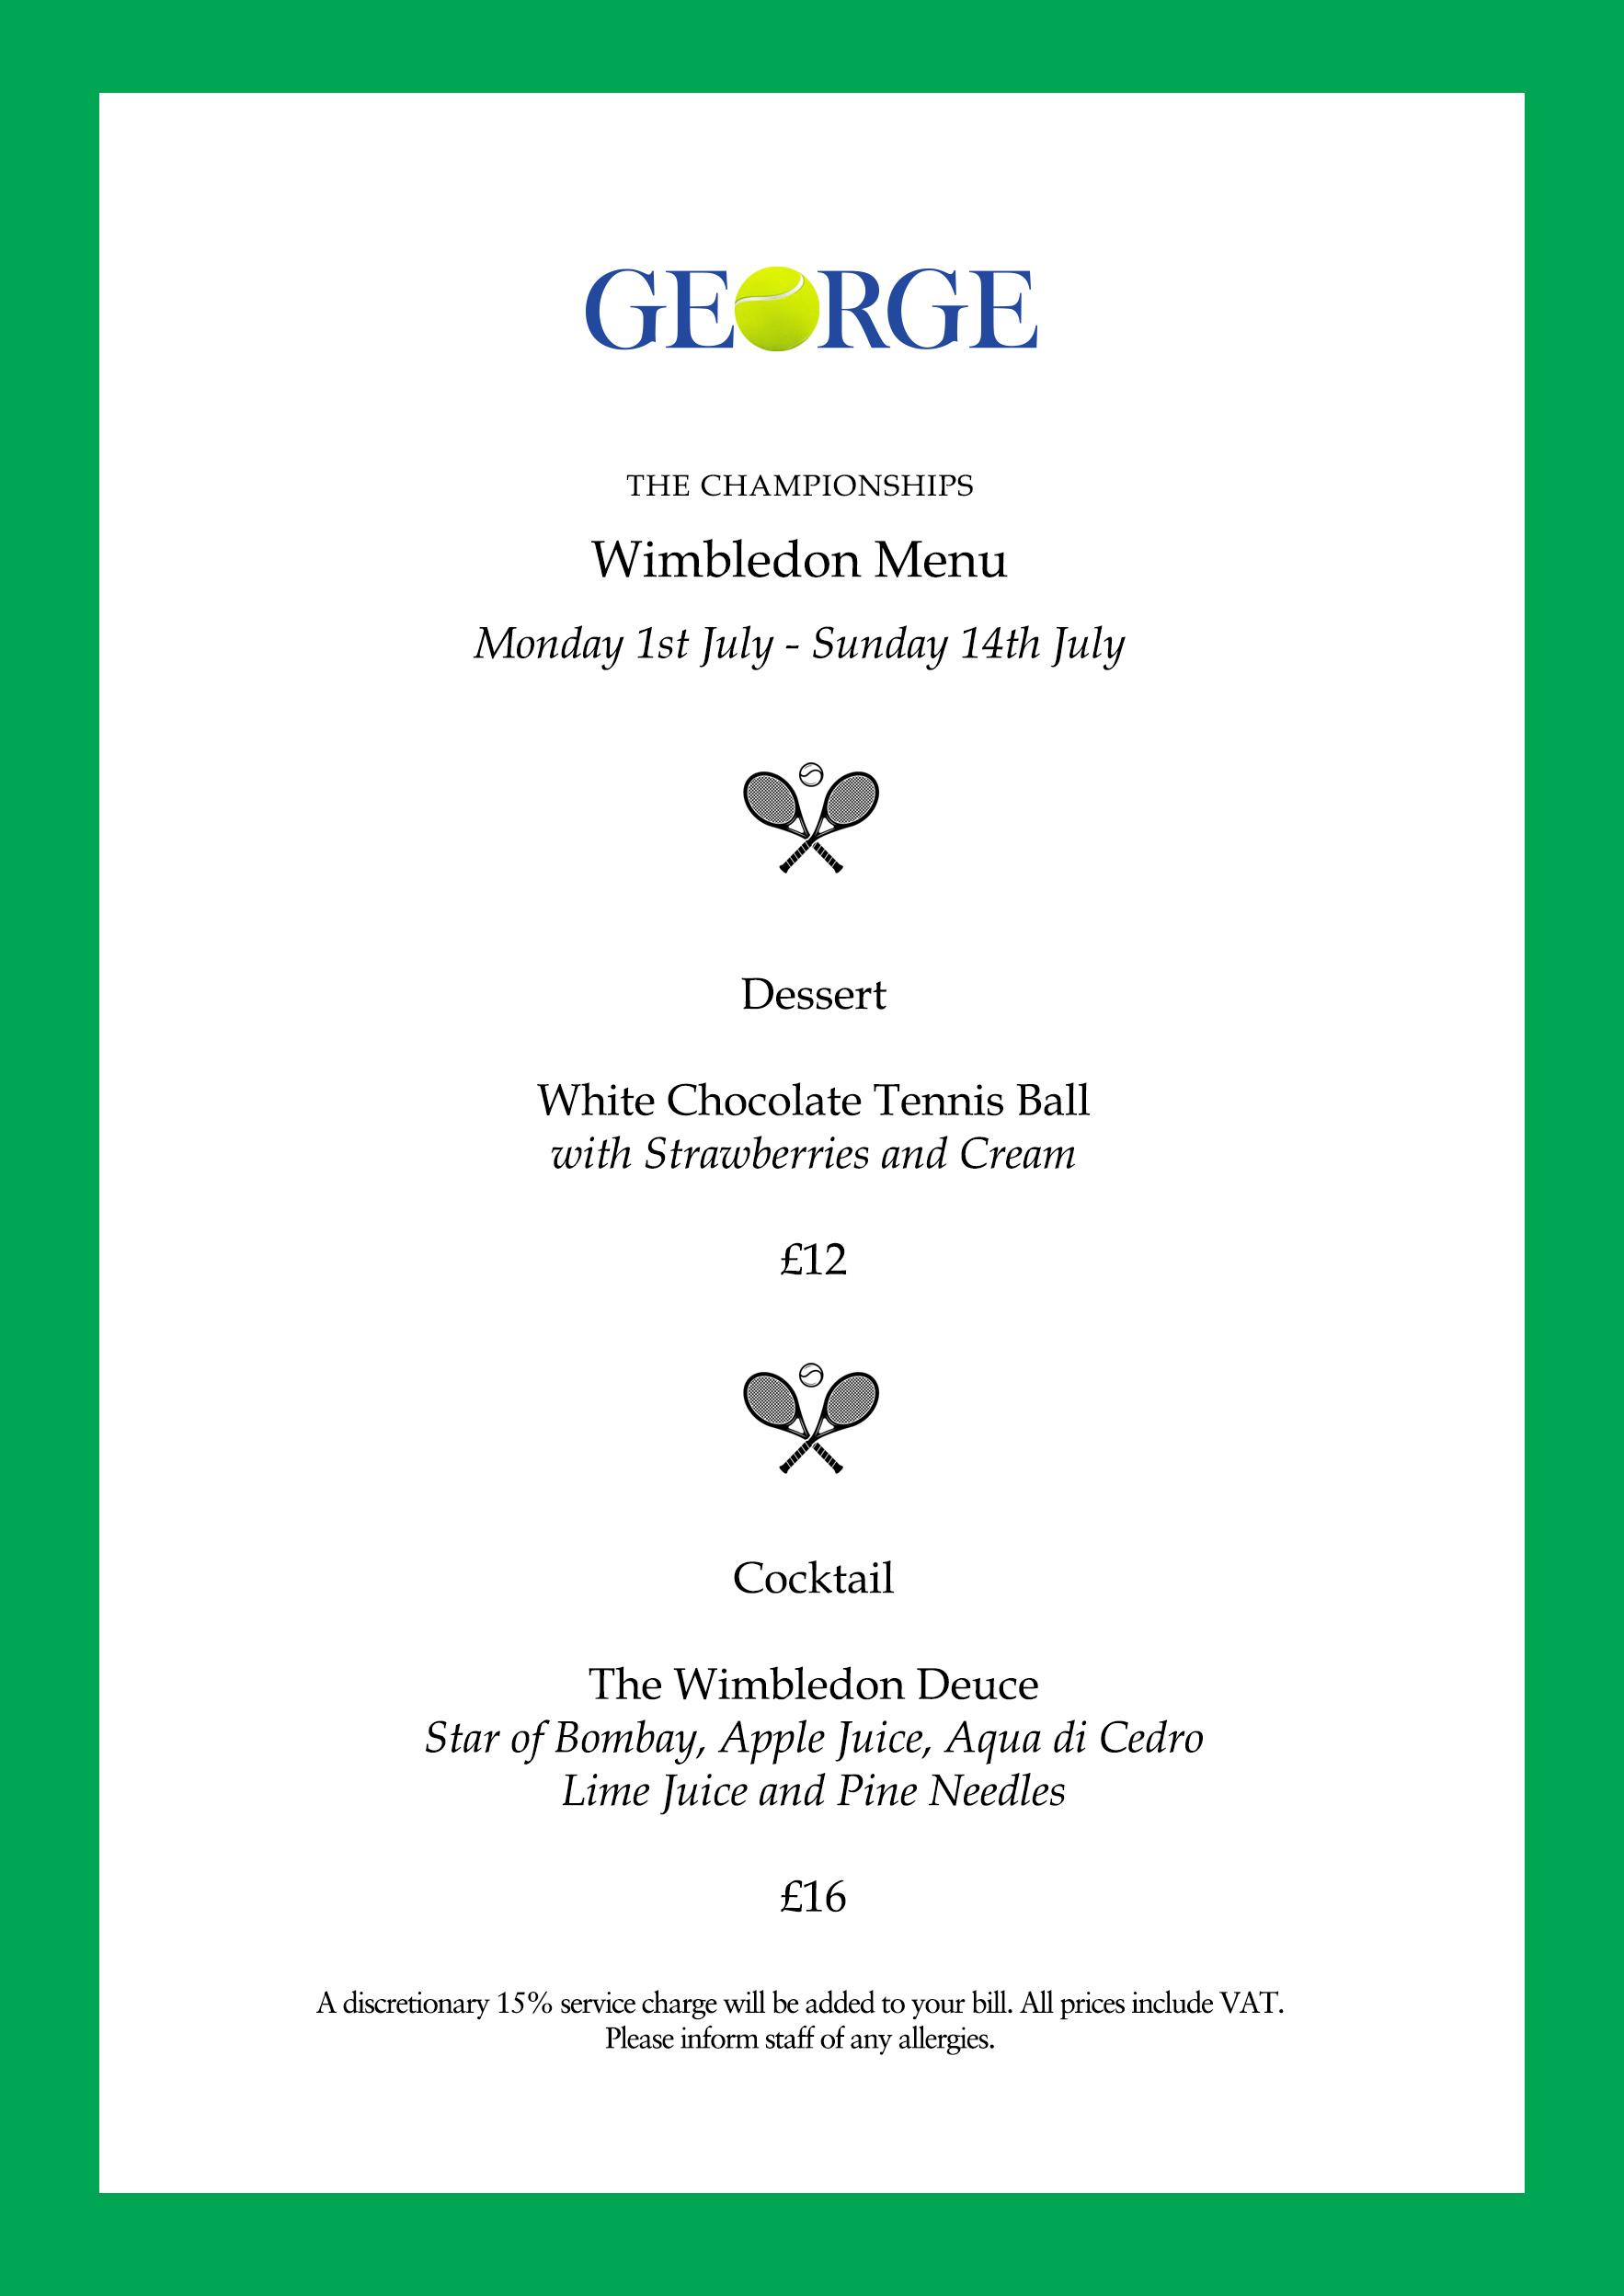 Wimbledon Menu.jpg